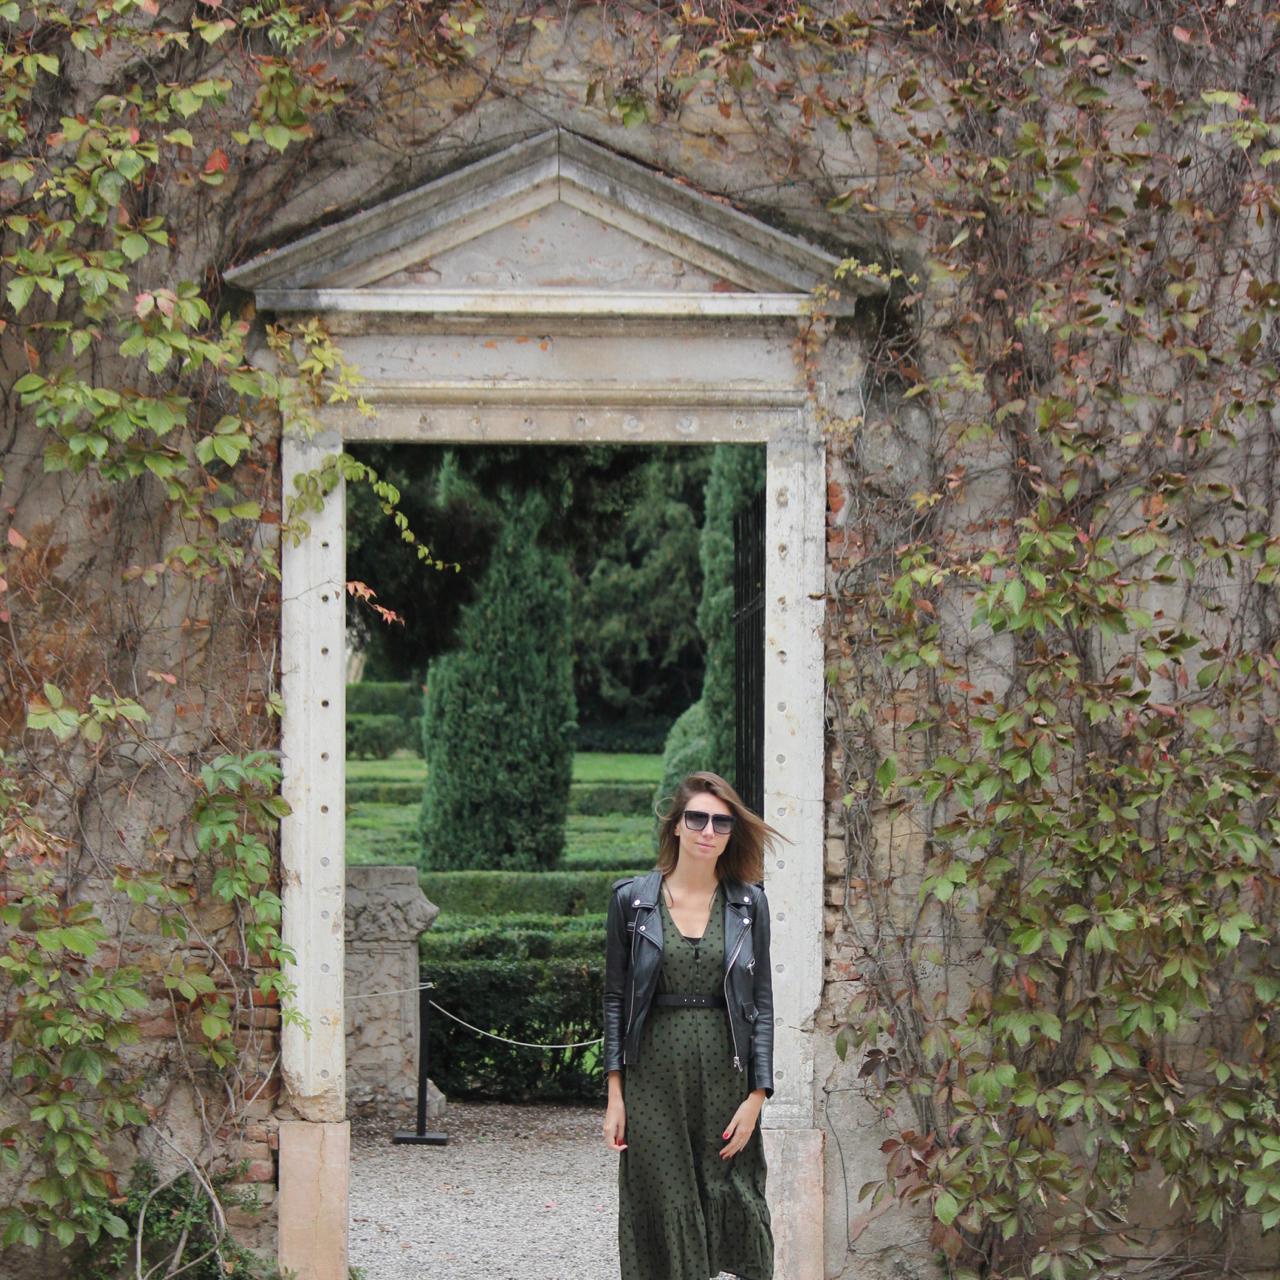 Verona, Italy - 15